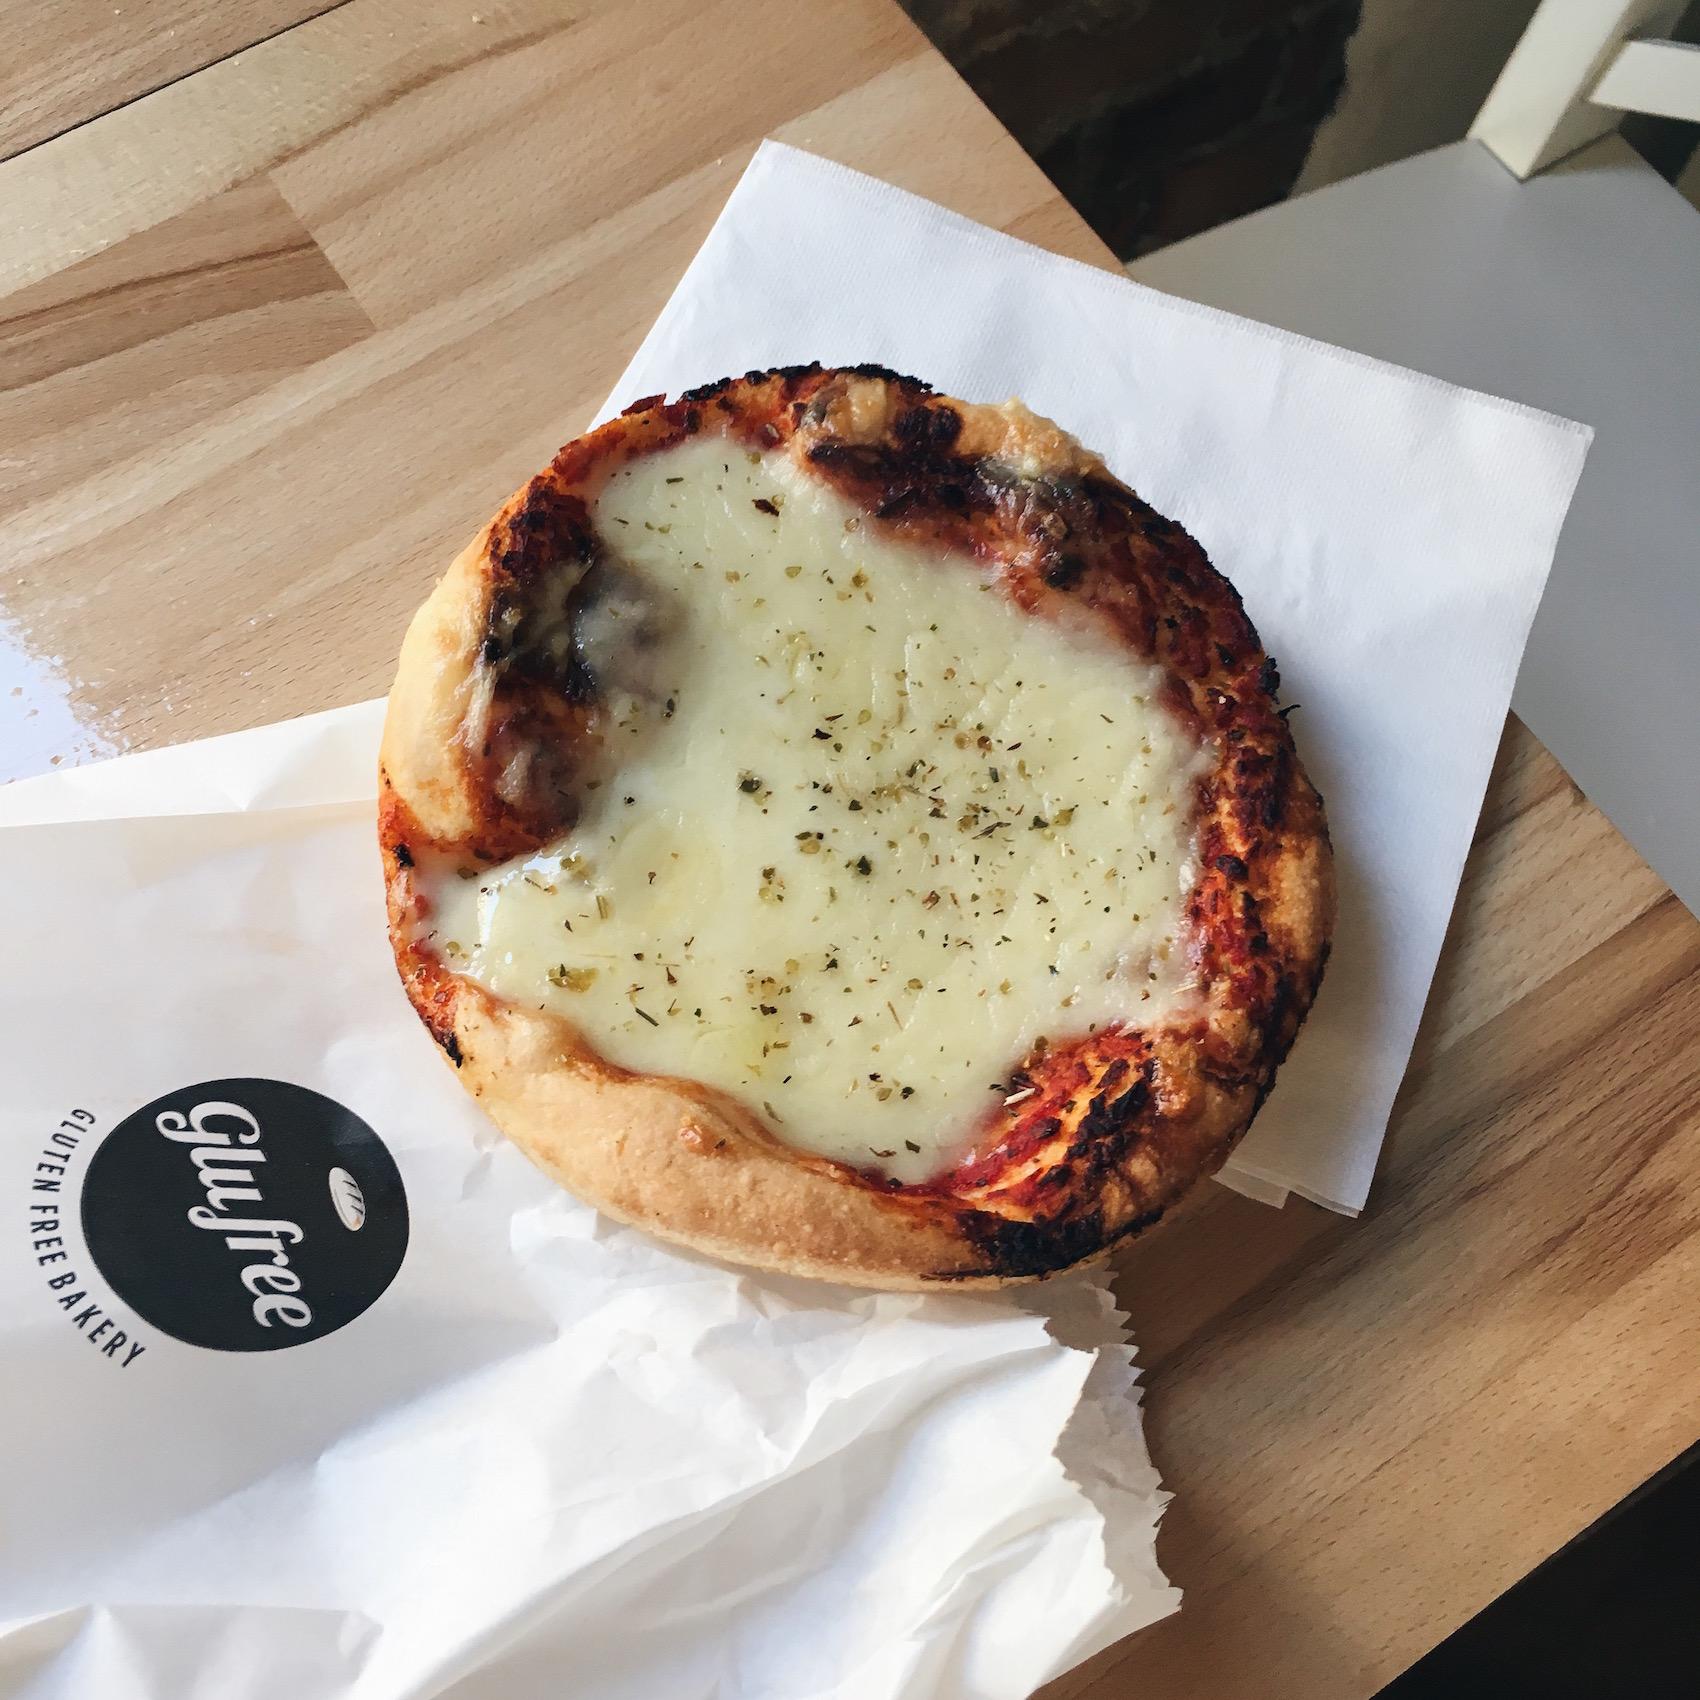 suelovesnyc_susan_fengler_blog_glutenfrei_glutenfreie_pizza_in_mailand_glutenfreies_restaurant_mailand_glufree_bakery